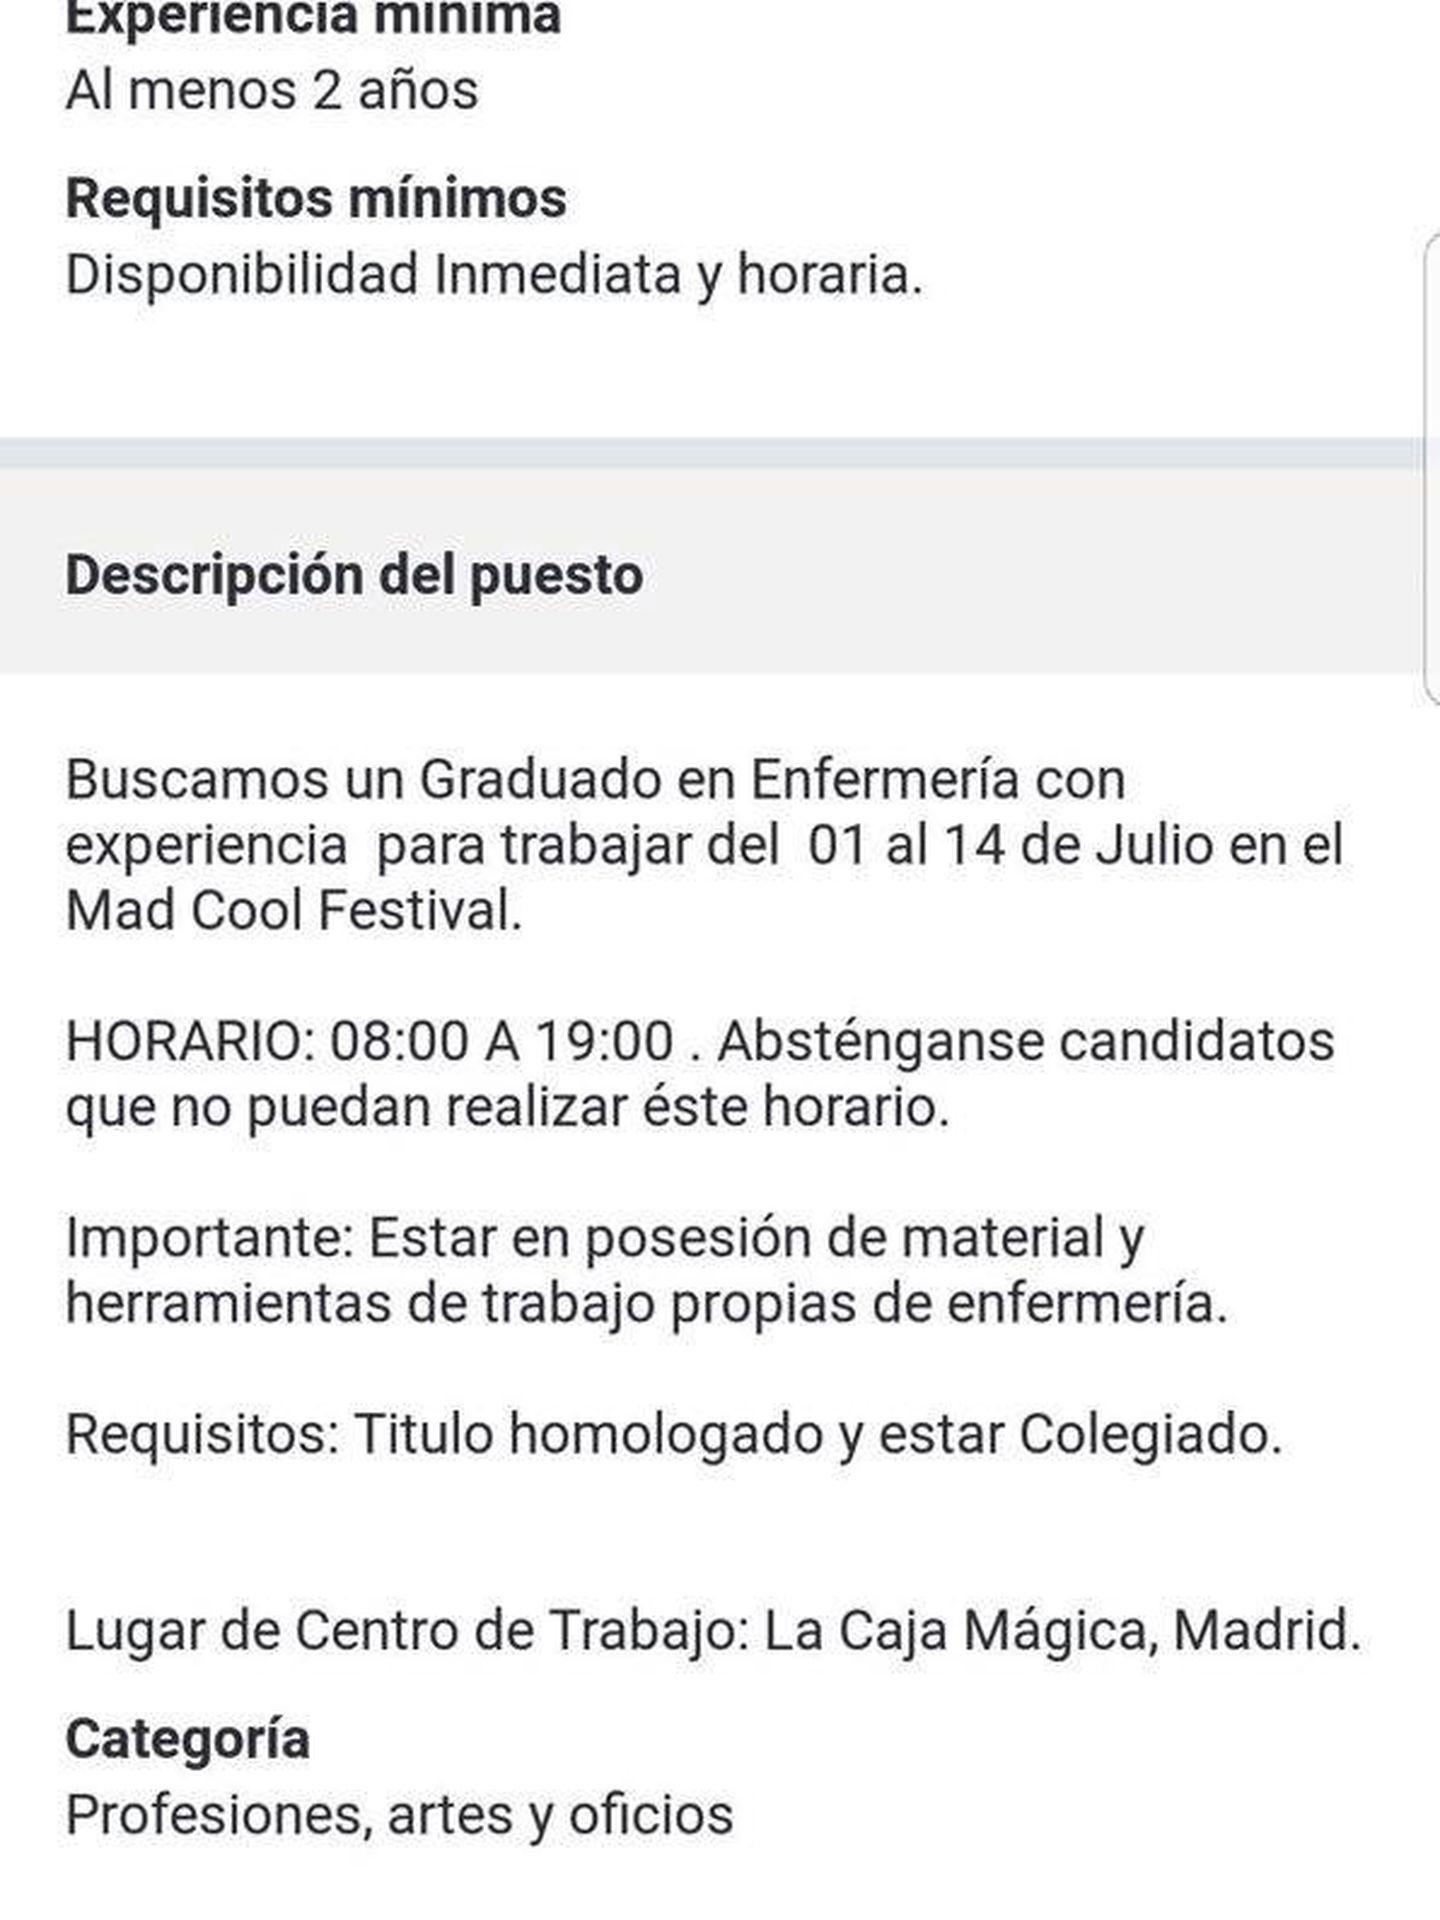 Polémica oferta de empleo del Mad Cool Festival.